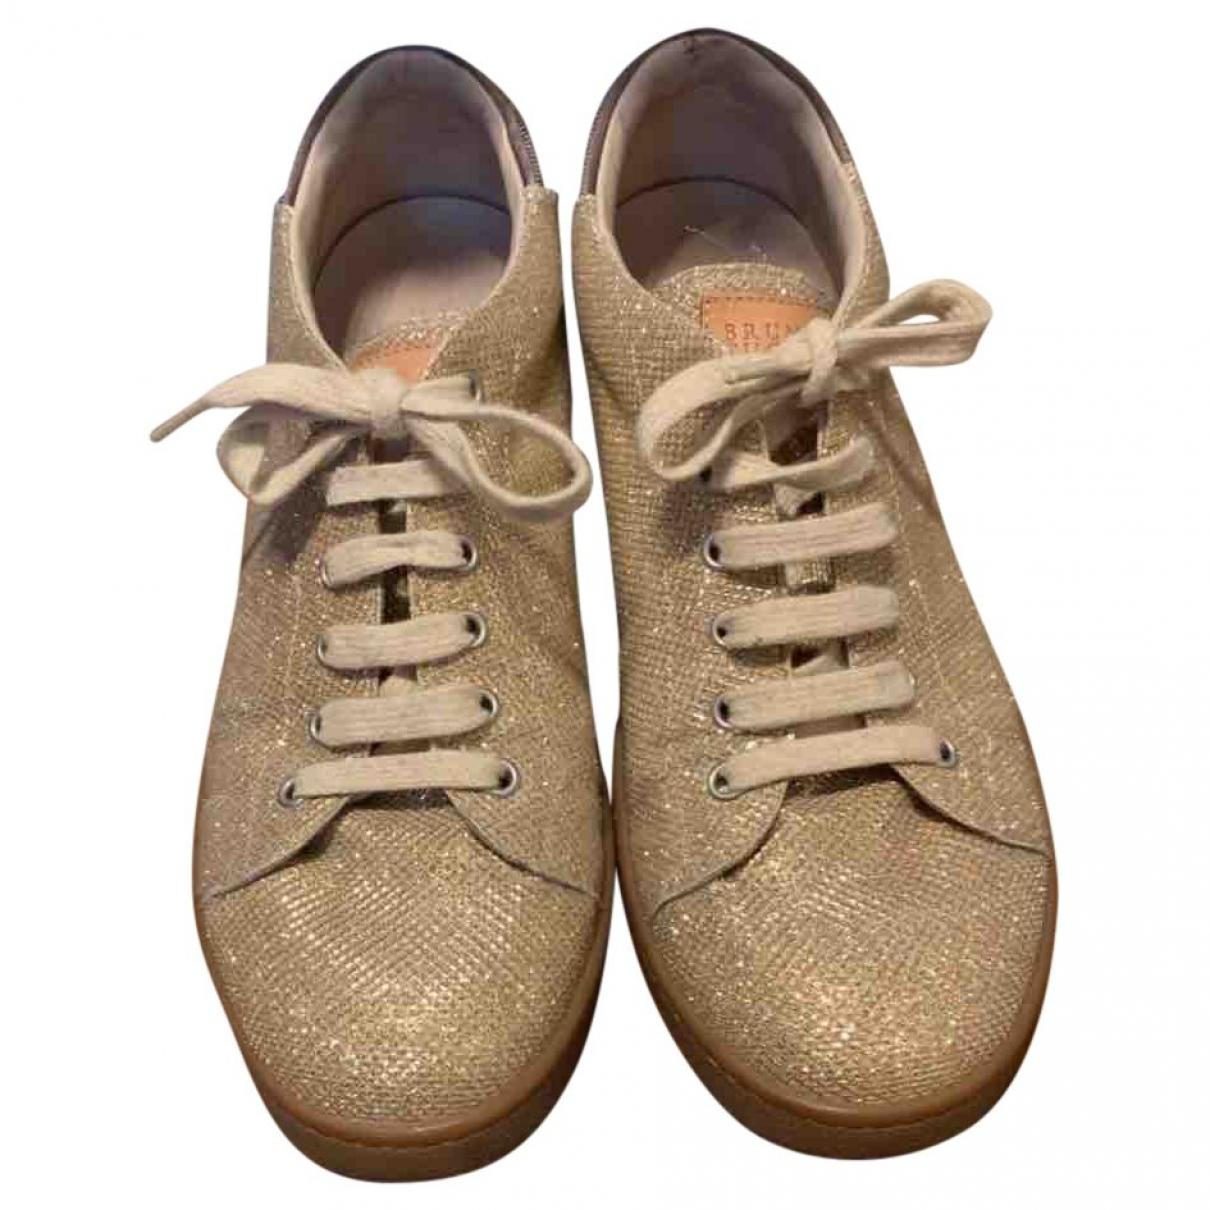 Brunello Cucinelli \N Gold Glitter Lace ups for Women 41 EU